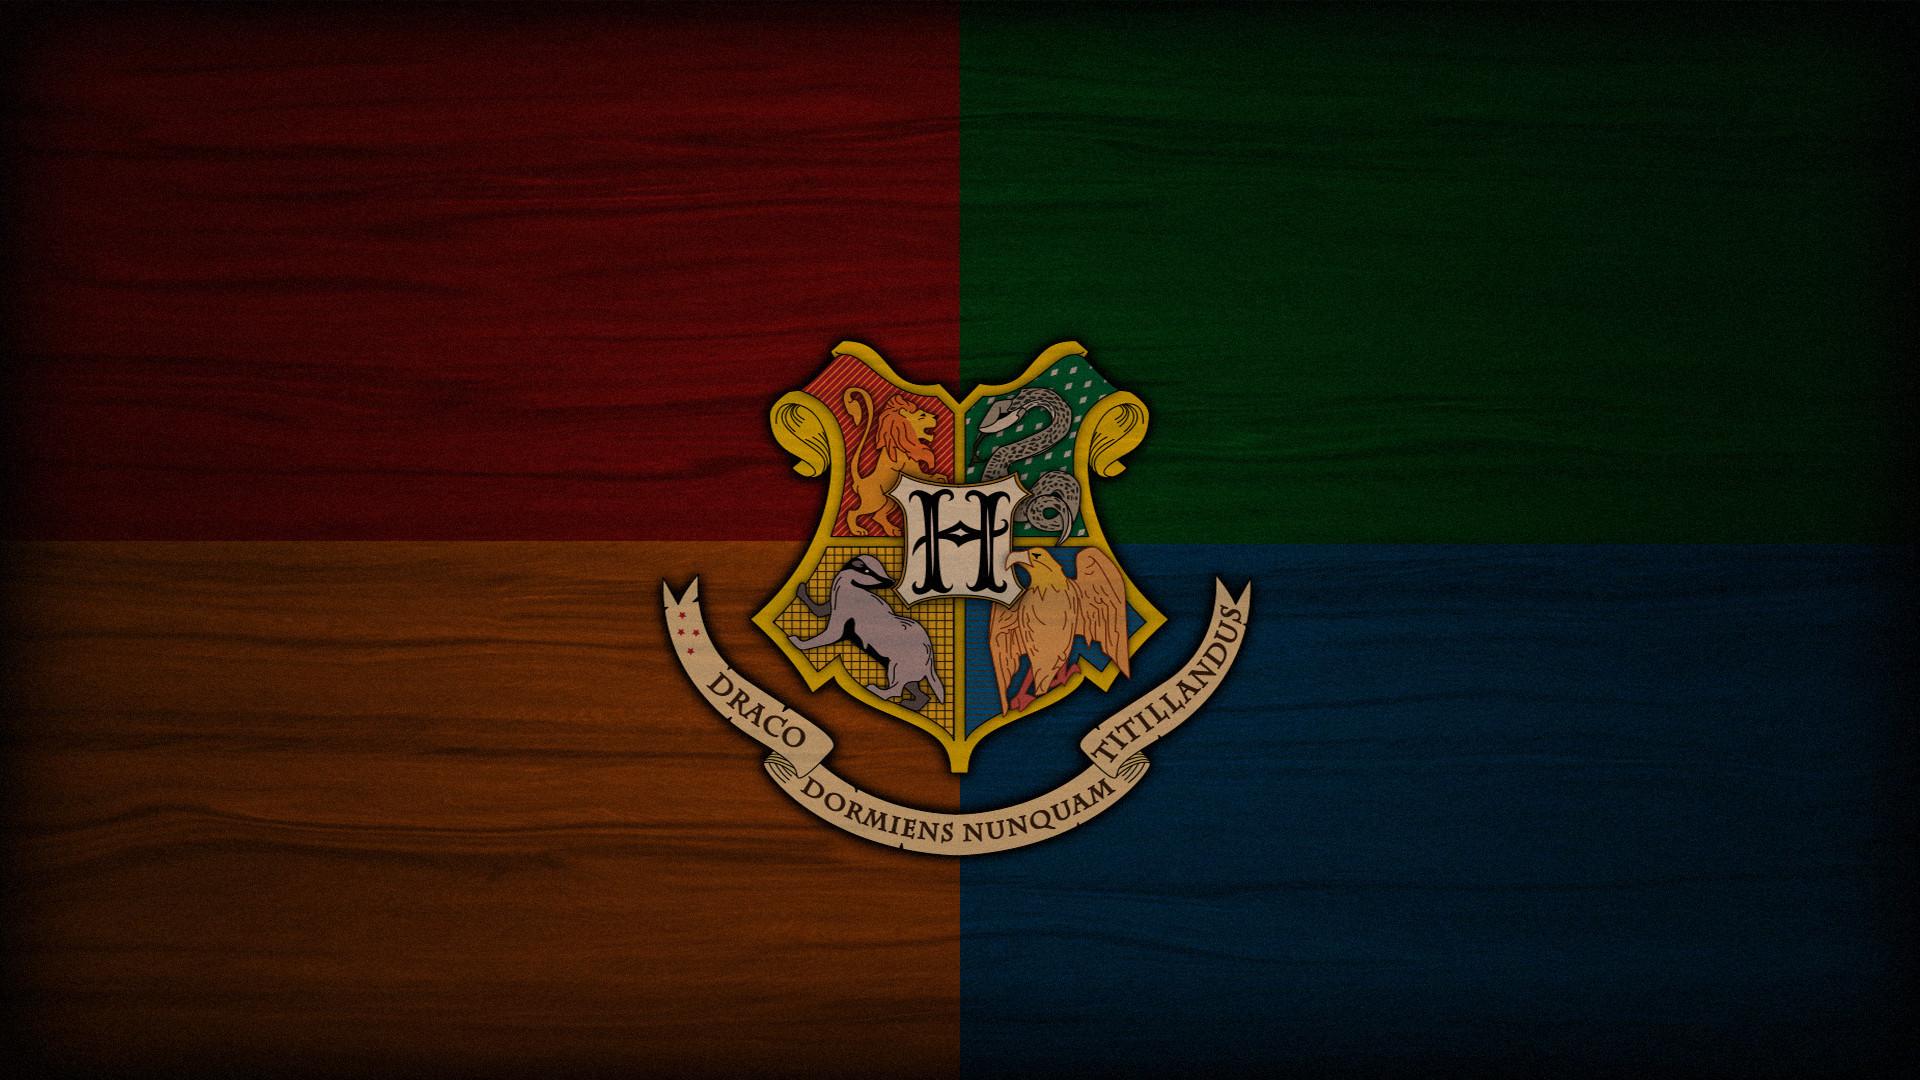 Hogwarts wallpaper I put together (1920×1080) : harrypotter